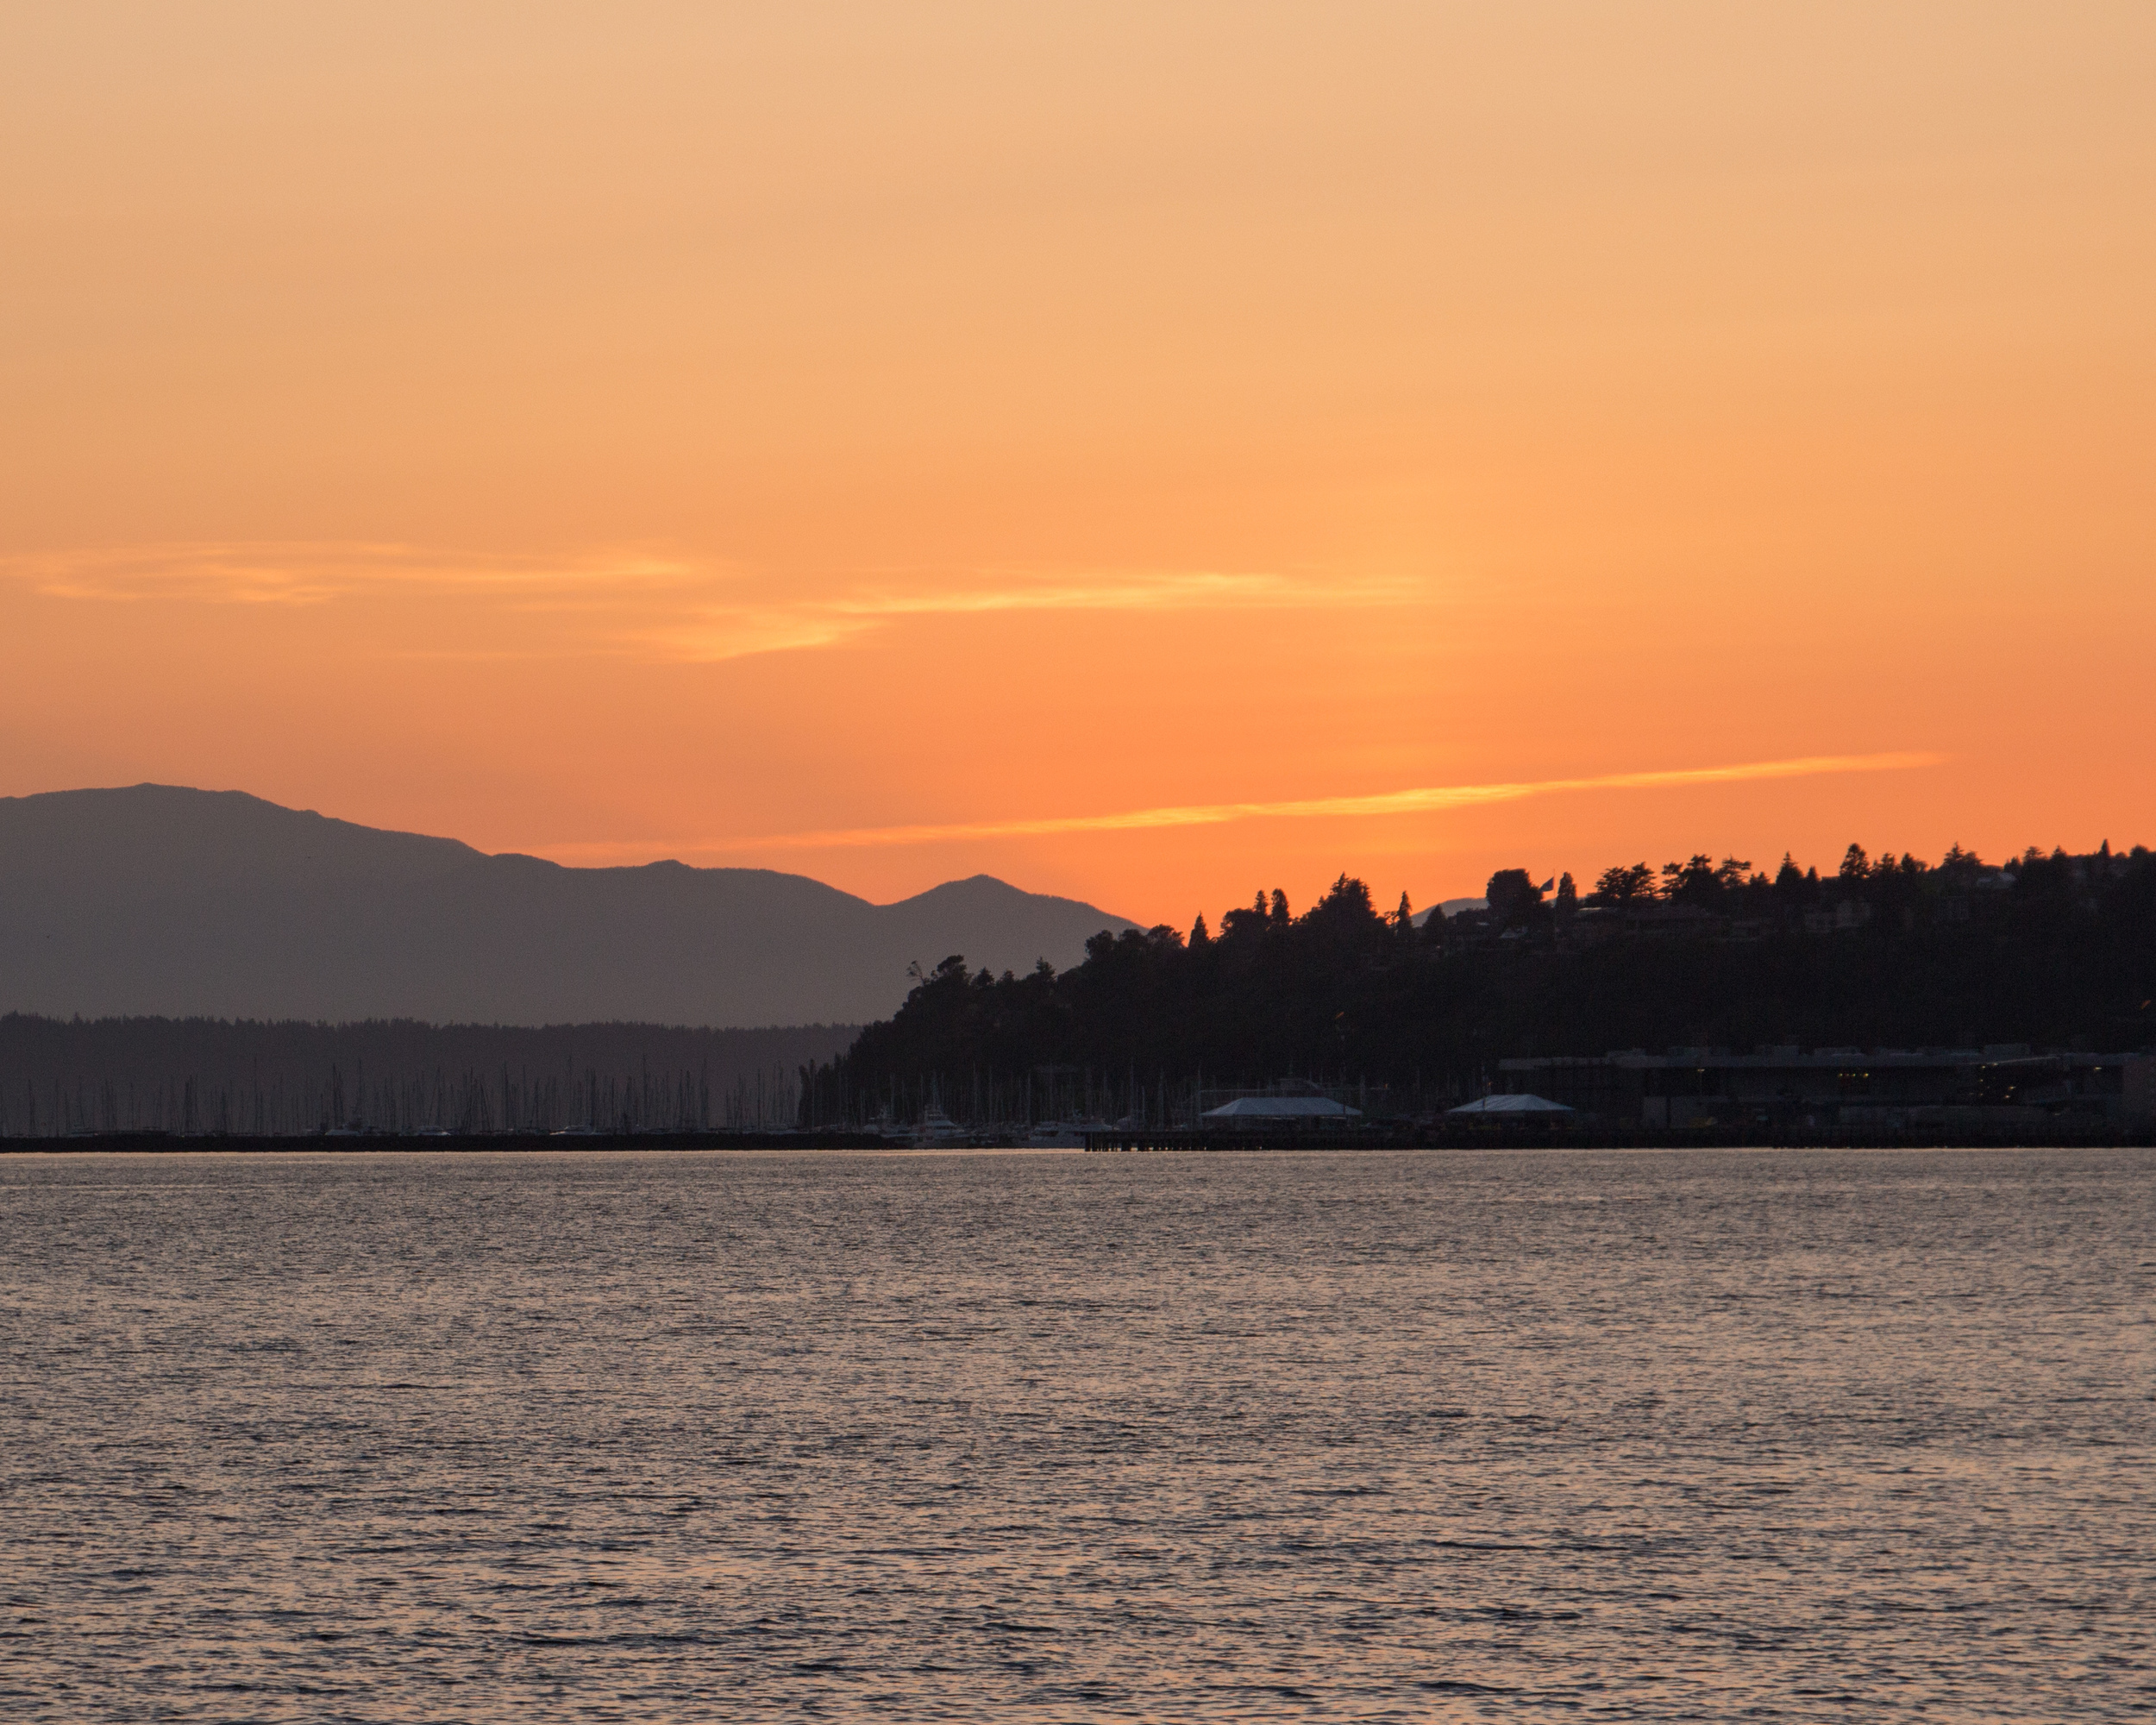 Sunset from Pier 70, Seattle, Washington